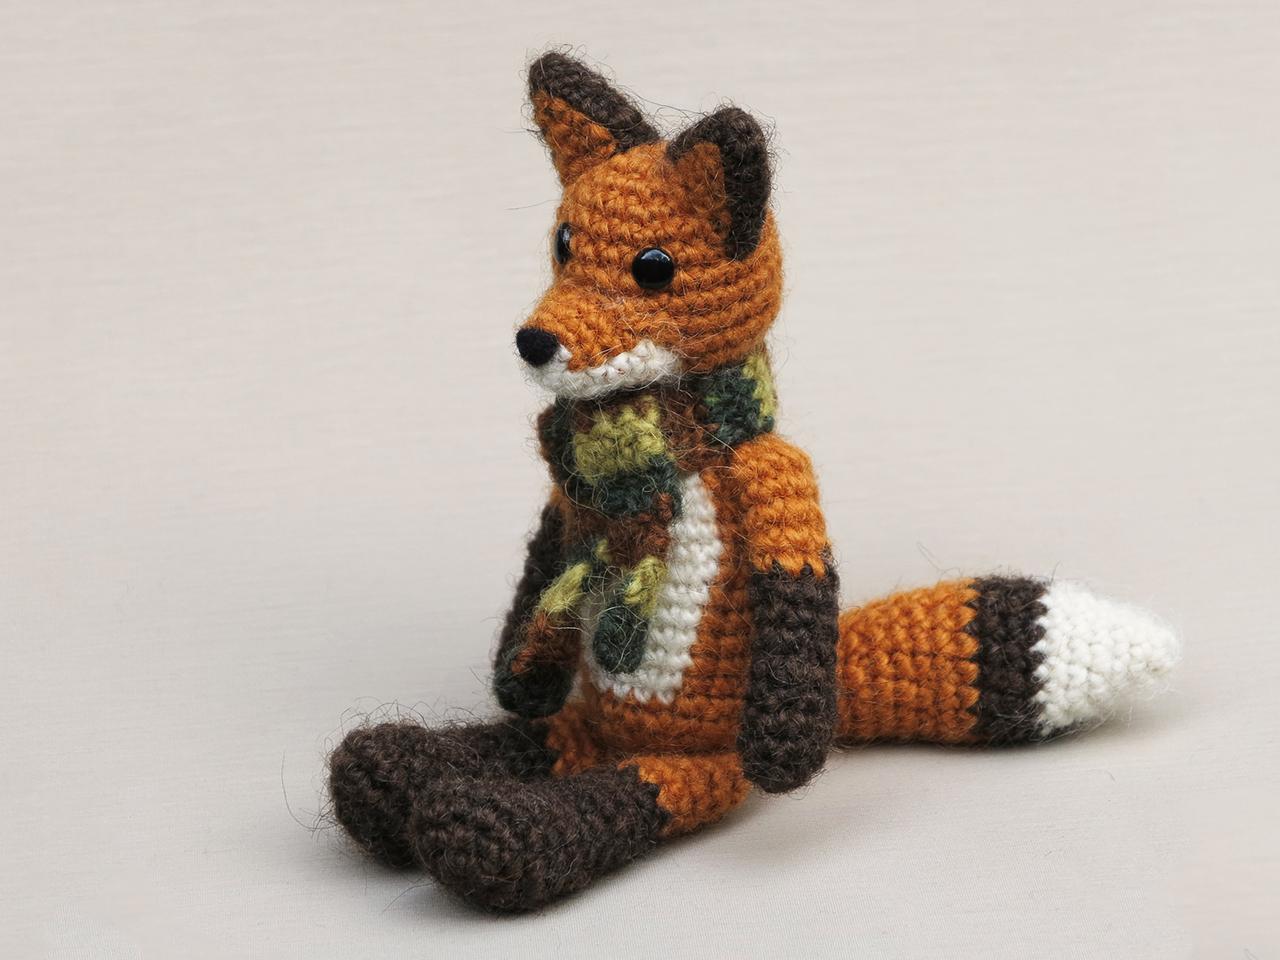 Fox Amigurumi, Mr. Furu - Free Crochet Pattern | Craft Passion | 960x1280